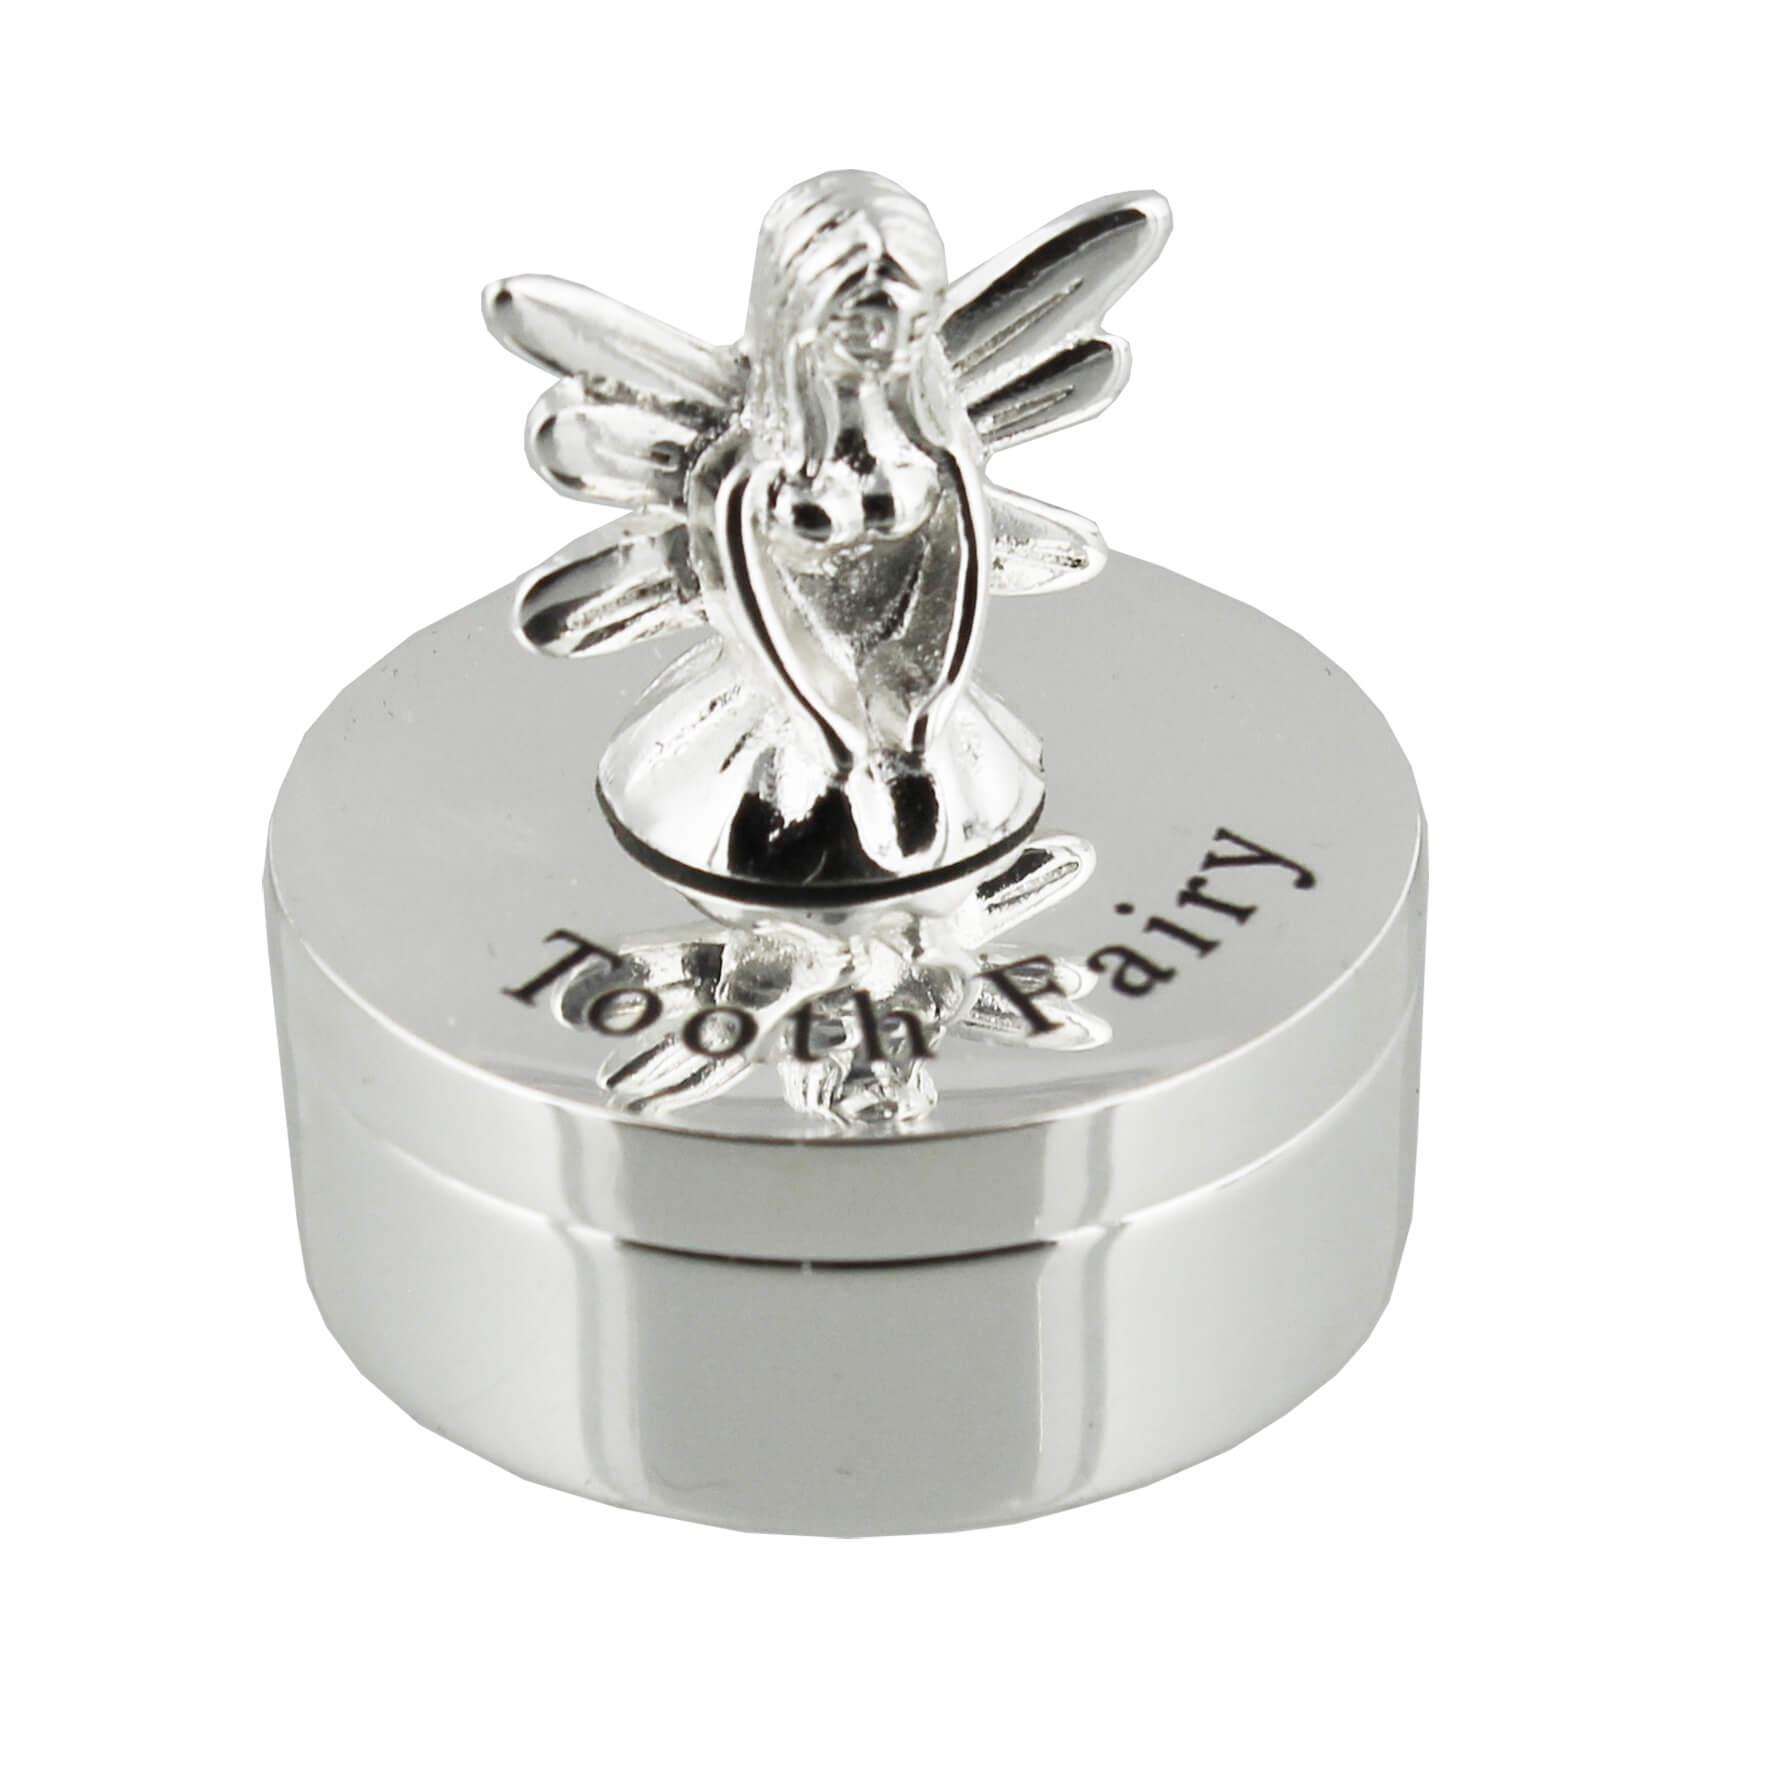 Cutie argintata pentru dintisor Zana Maseluta